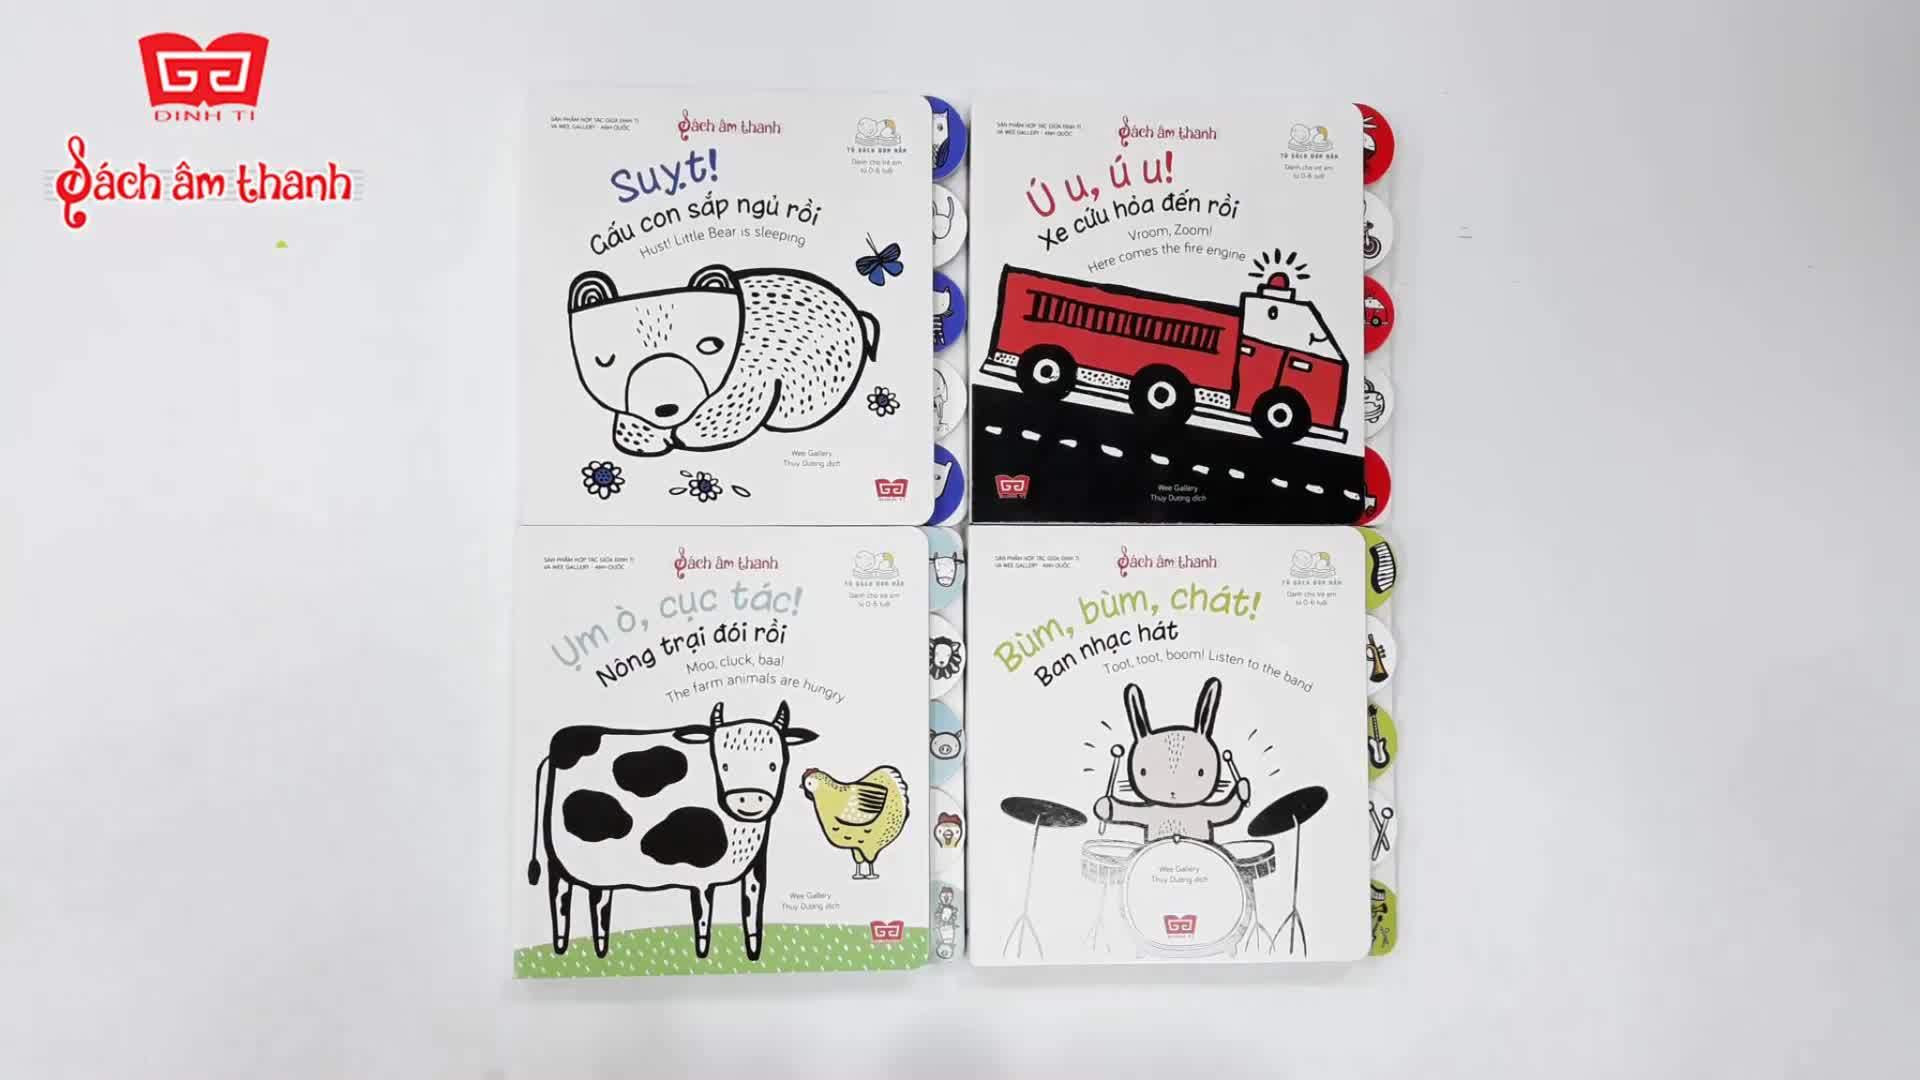 Bộ sách âm thanh dành cho trẻ 0-6 tuổi